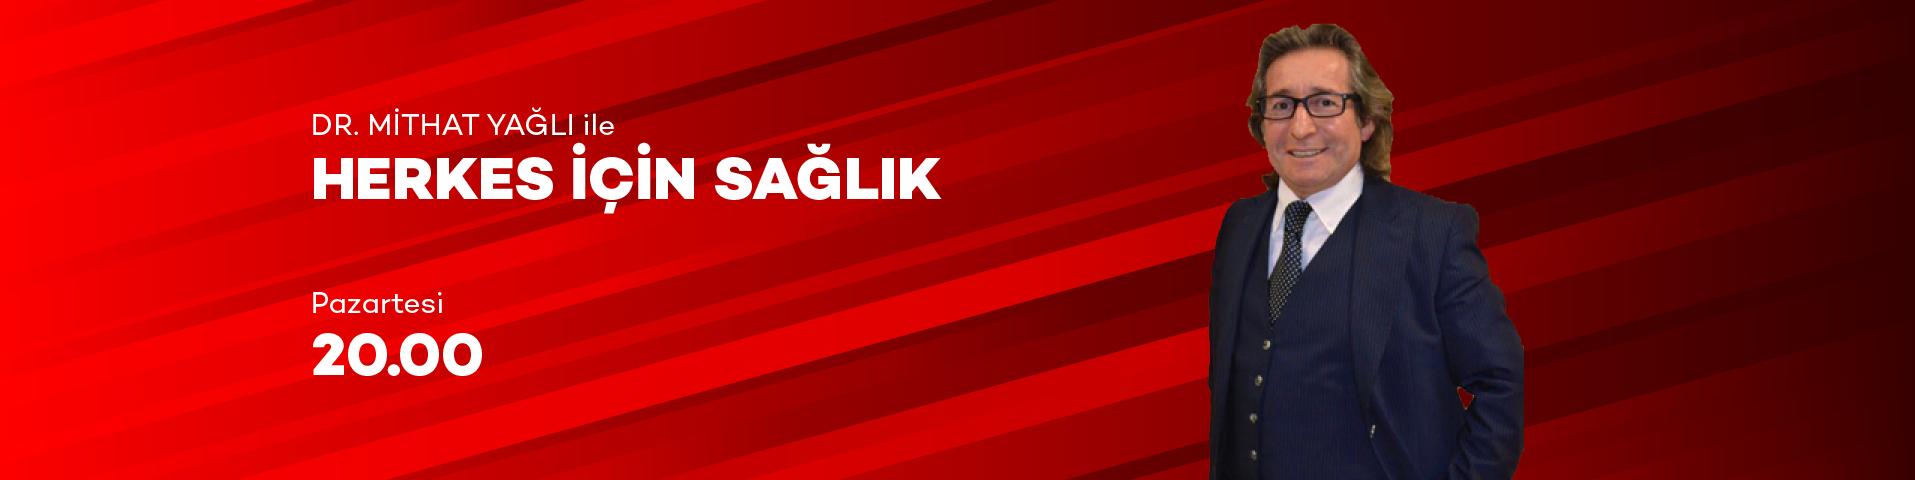 avusturya türkiye maçı özeti lig tv